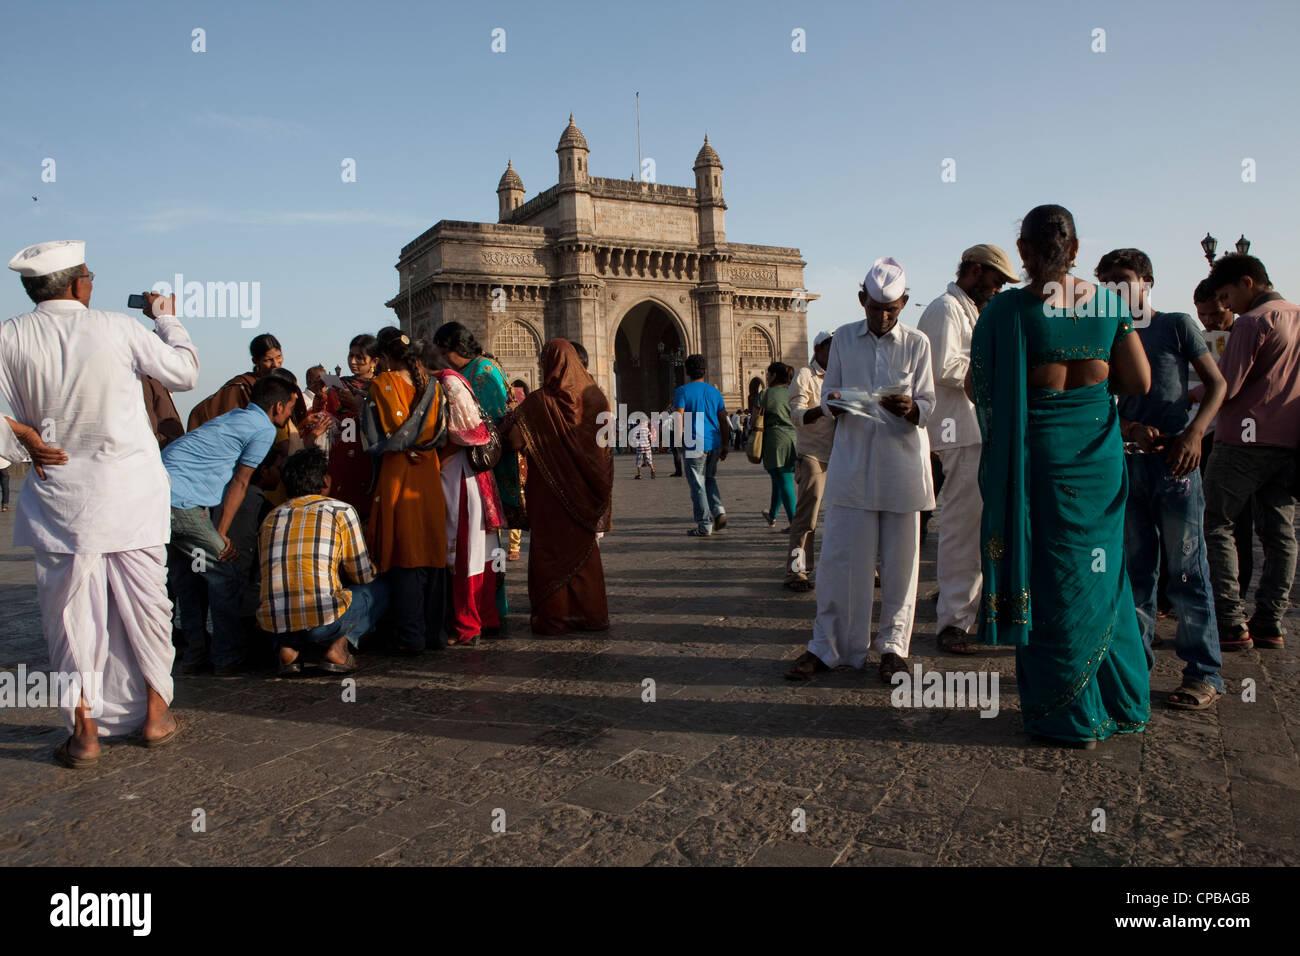 Gateway to India - Mumbai (Bombay) - Stock Image